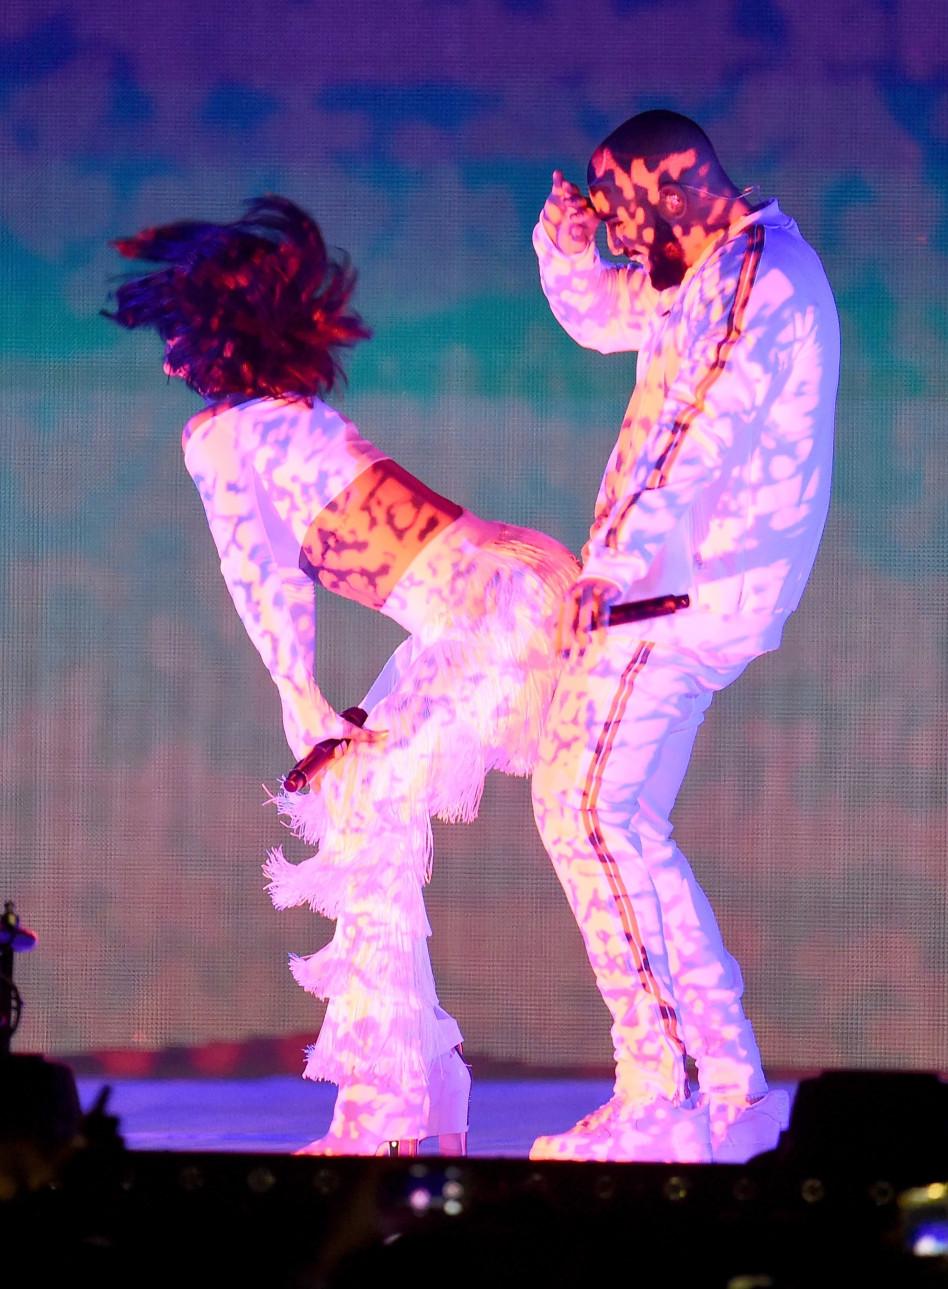 זה ג'וב, כן? ריהאנה על הבמה (צילום: Getty images)